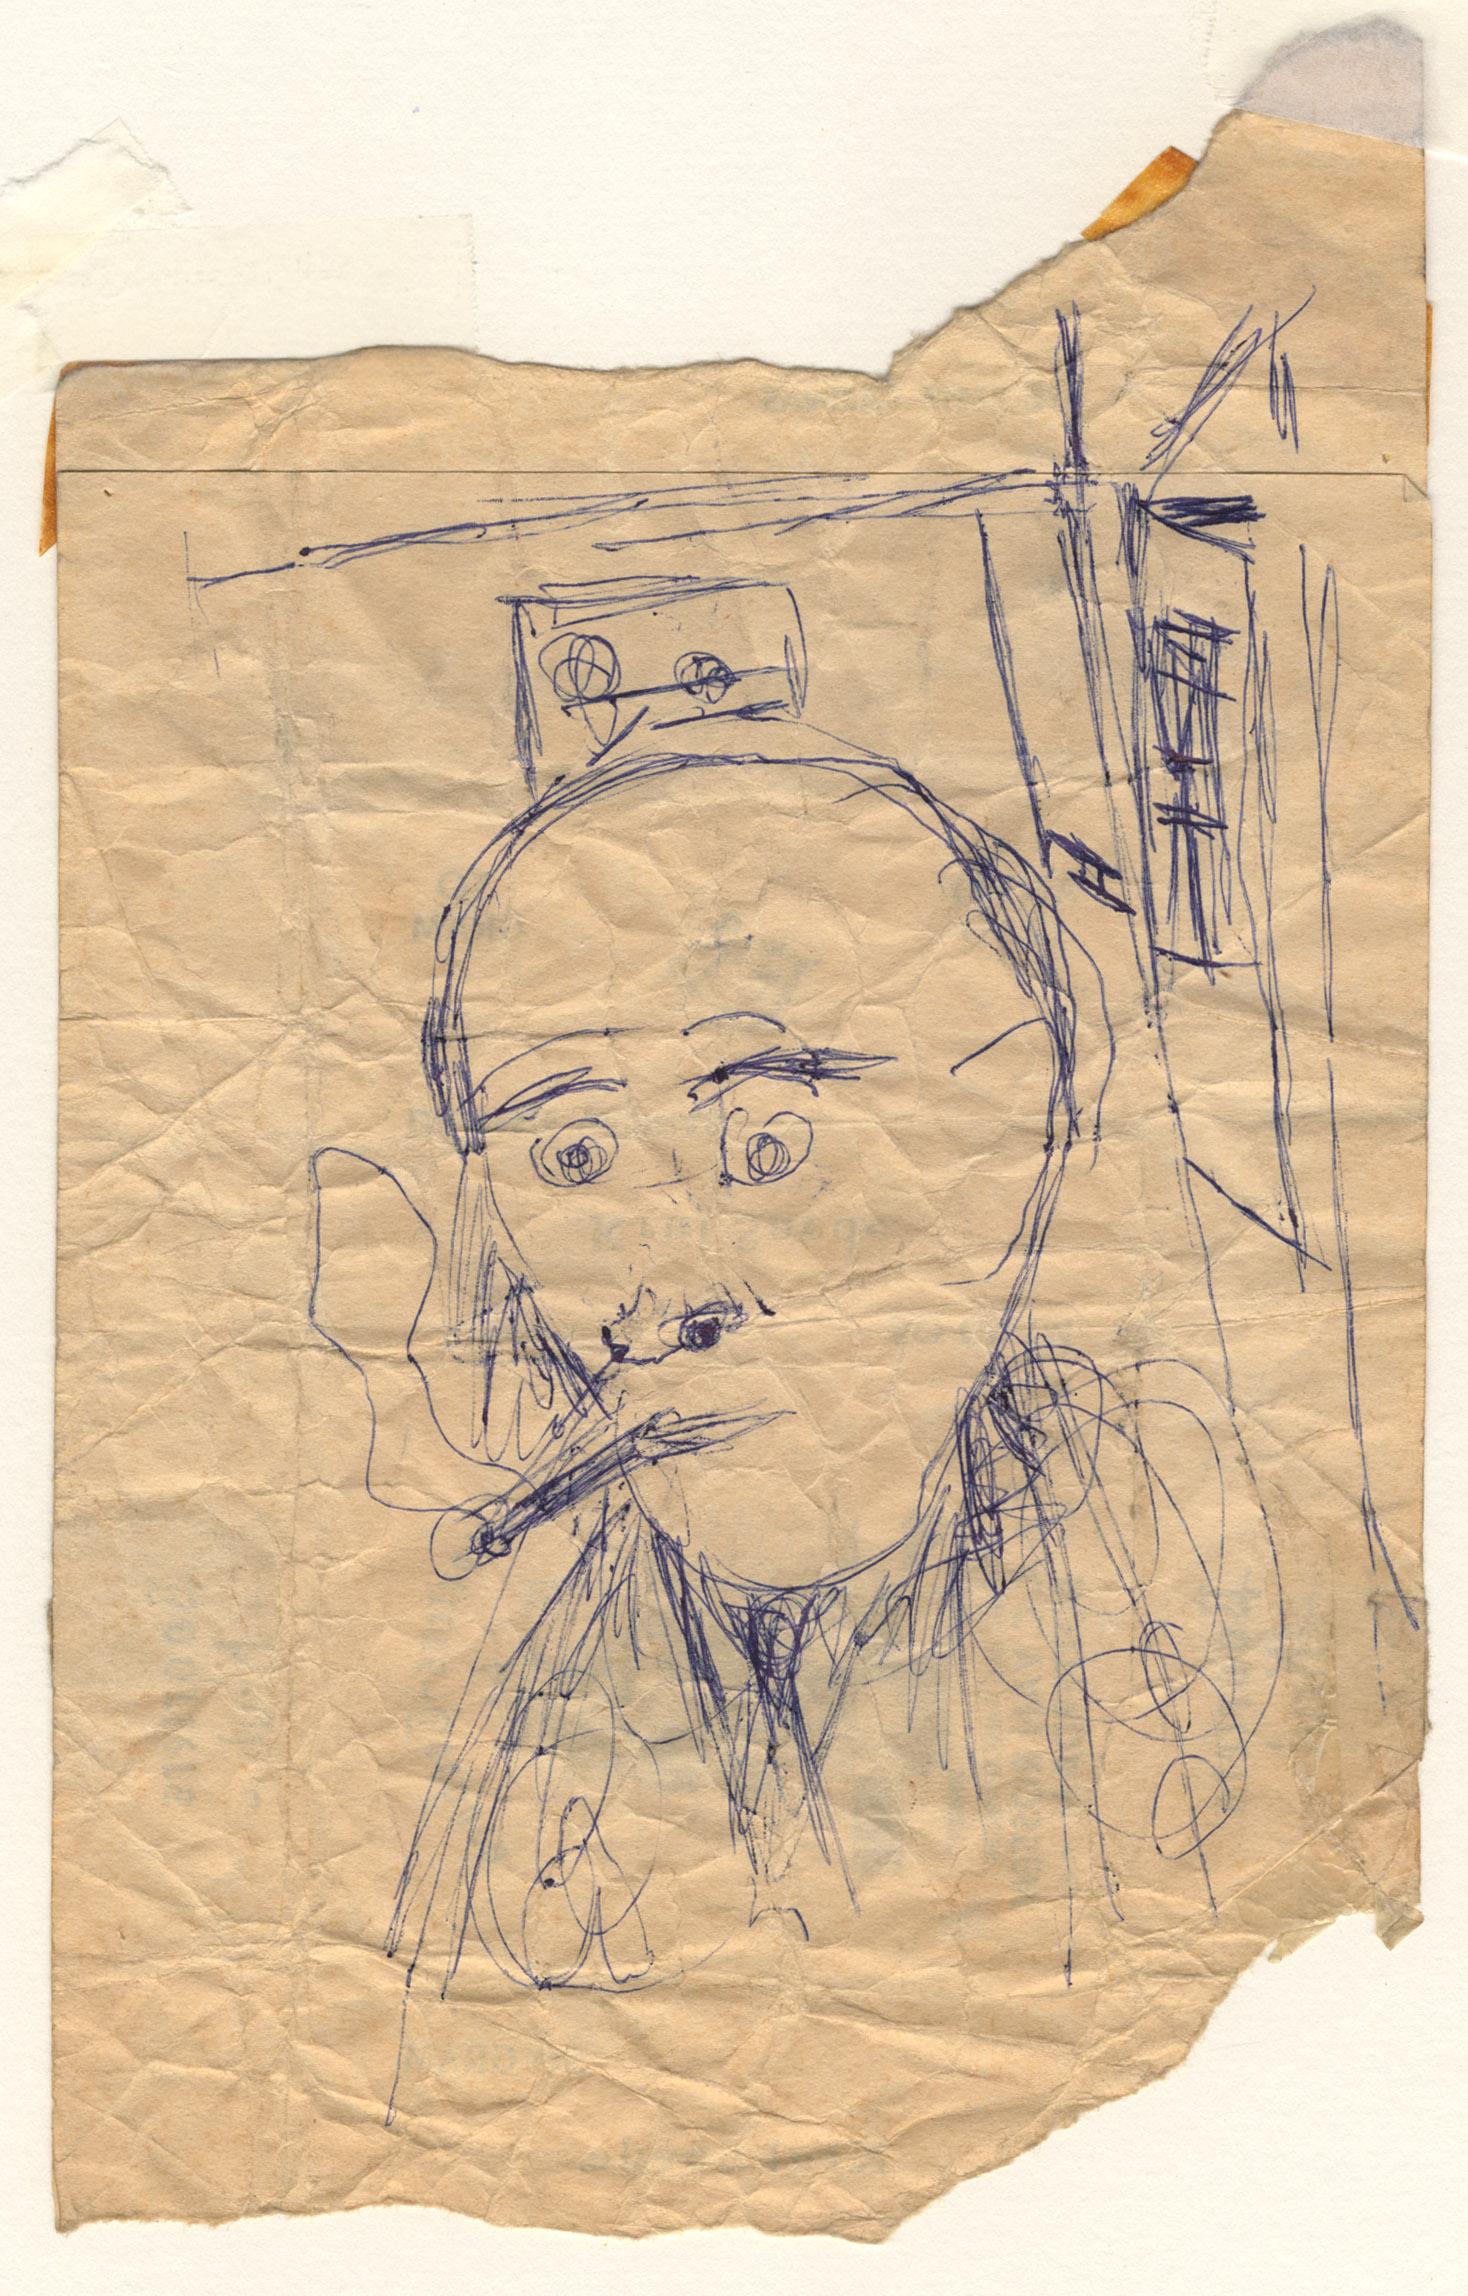 Het portret van een rokende man